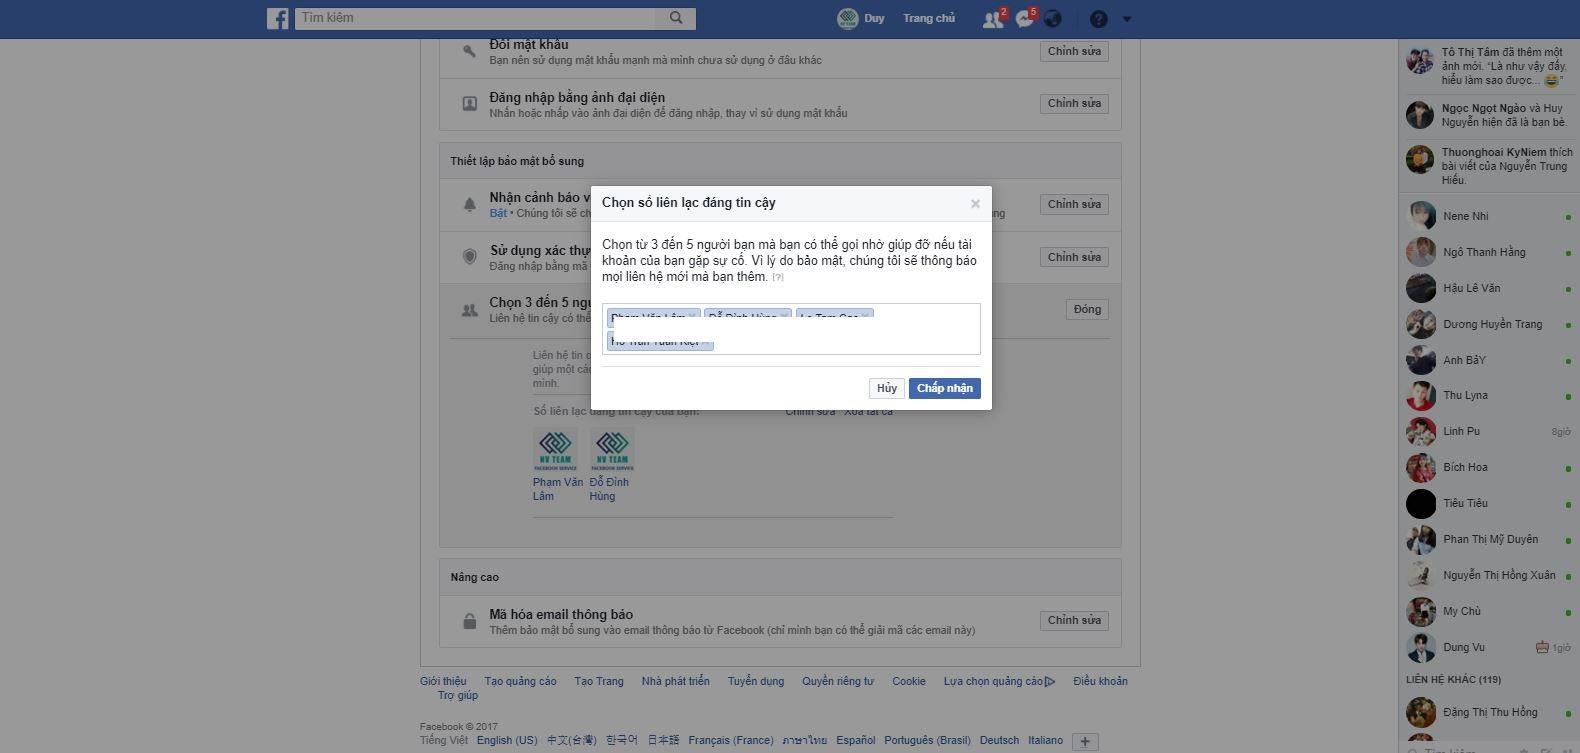 Hỗ trợ lấy lại mật khẩu Facebook nhờ bạn bè tin cậy - image 3 on https://atpsoftware.vn